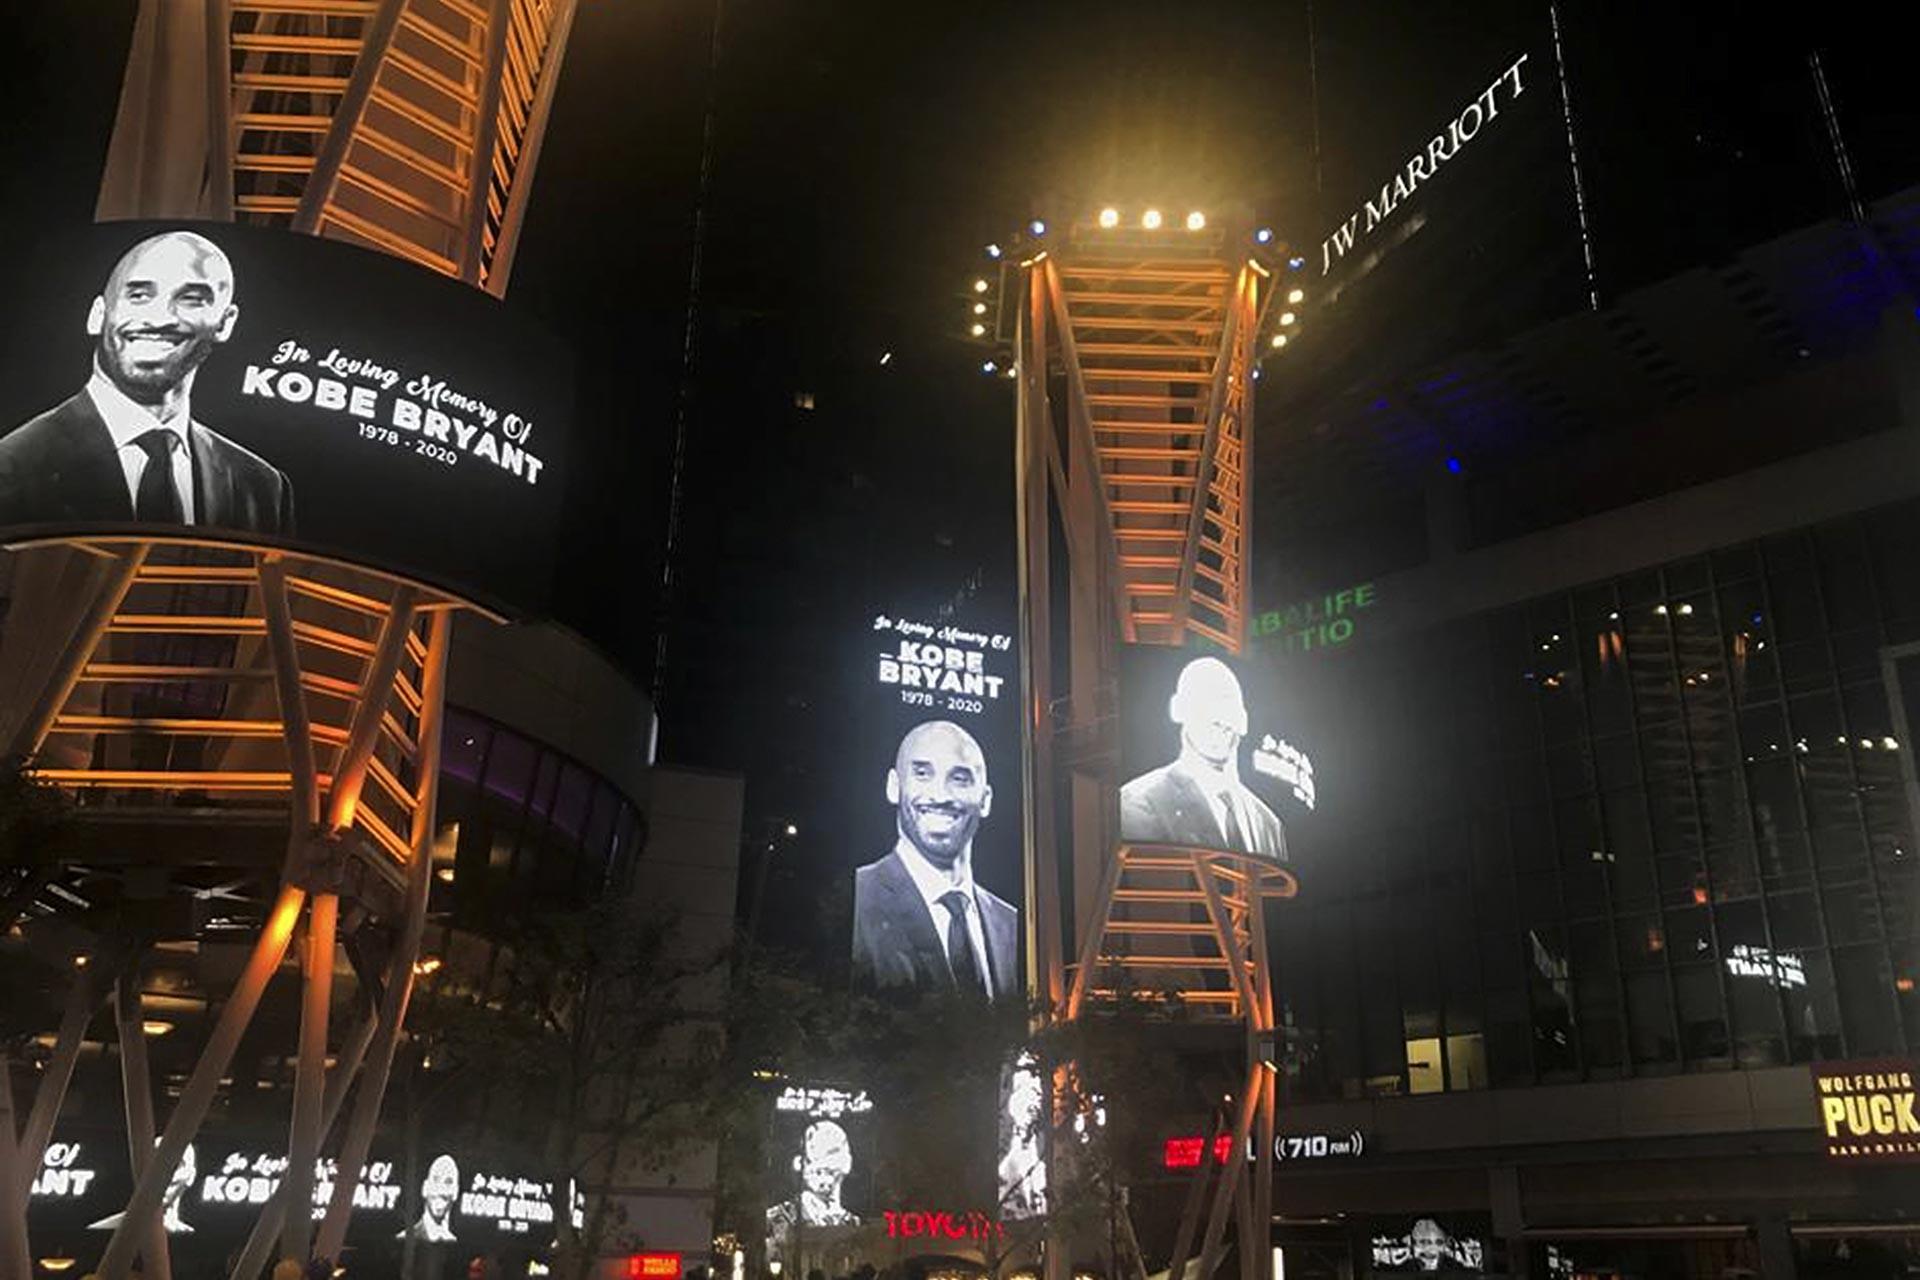 Kobe Bryant'ın ölümünün Los Angeles Lakers'ın maçlarını oynadığı Staples Center'in önündeki dev ekranlarda Bryant'ın fotoğrafına yer verildi